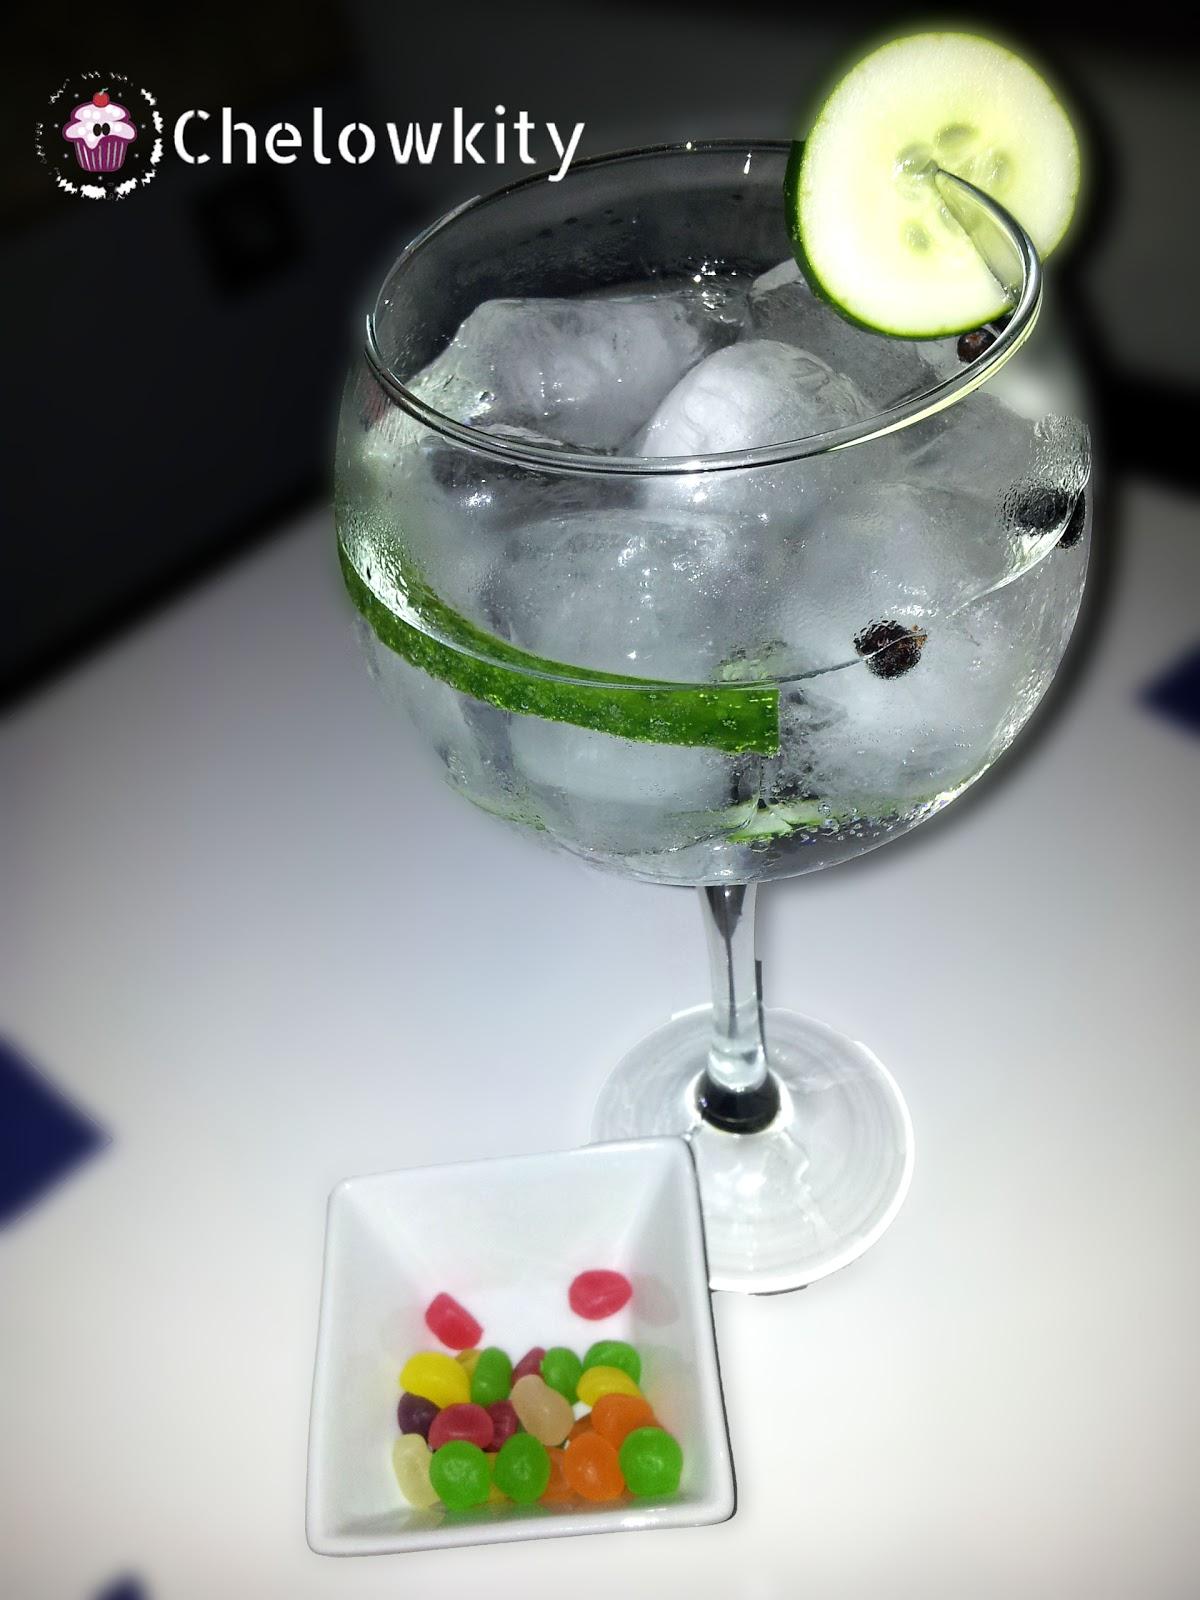 chelowkity gin tonic de pepino